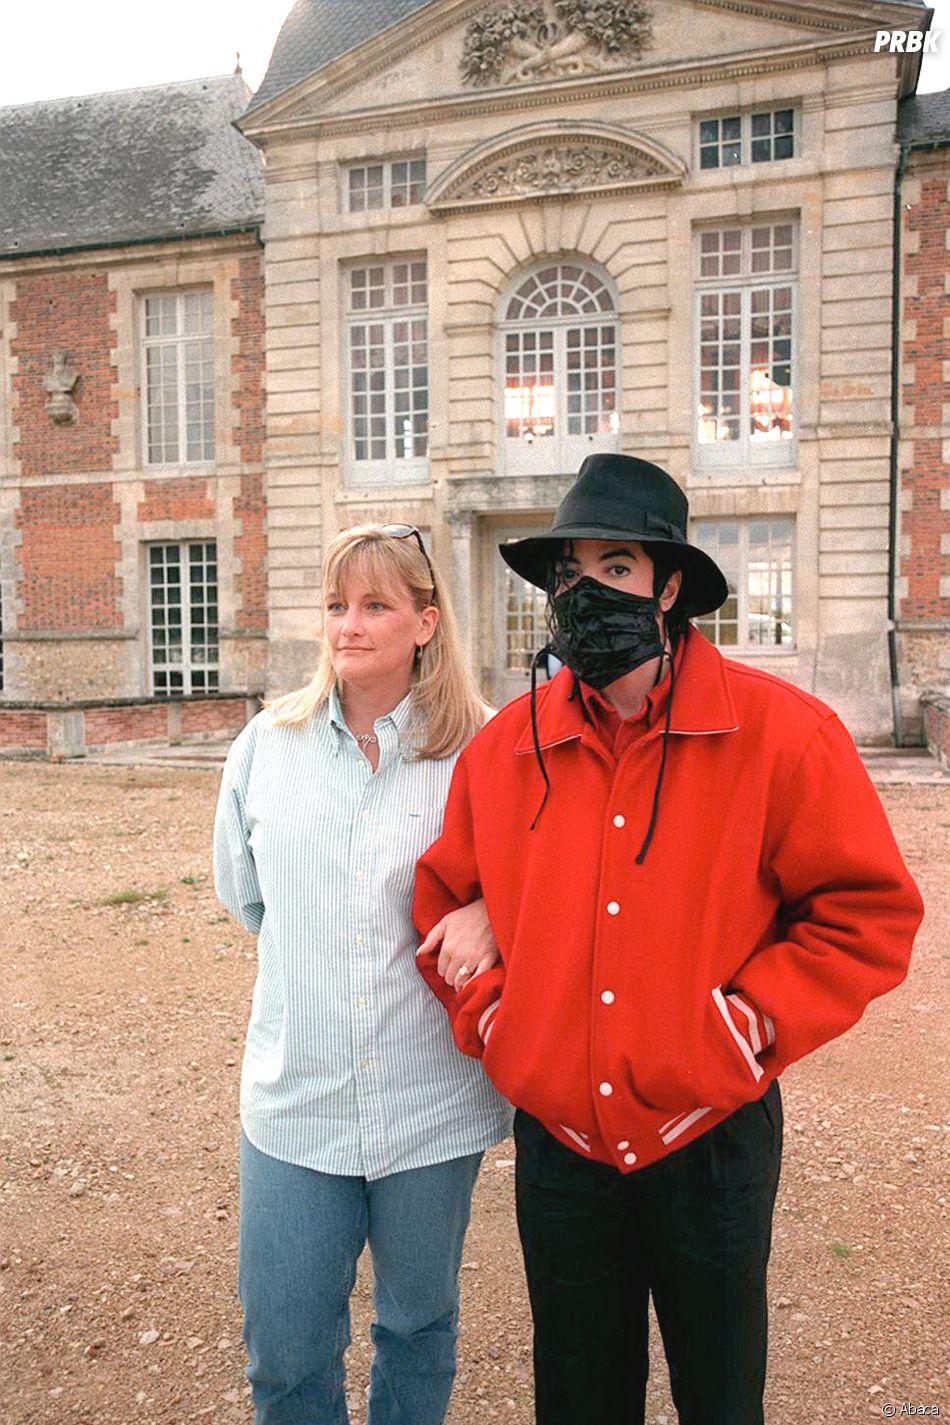 Michael Jackson et son ex femme Debbie Rowe : ils ont amis avant de se marier en 1996